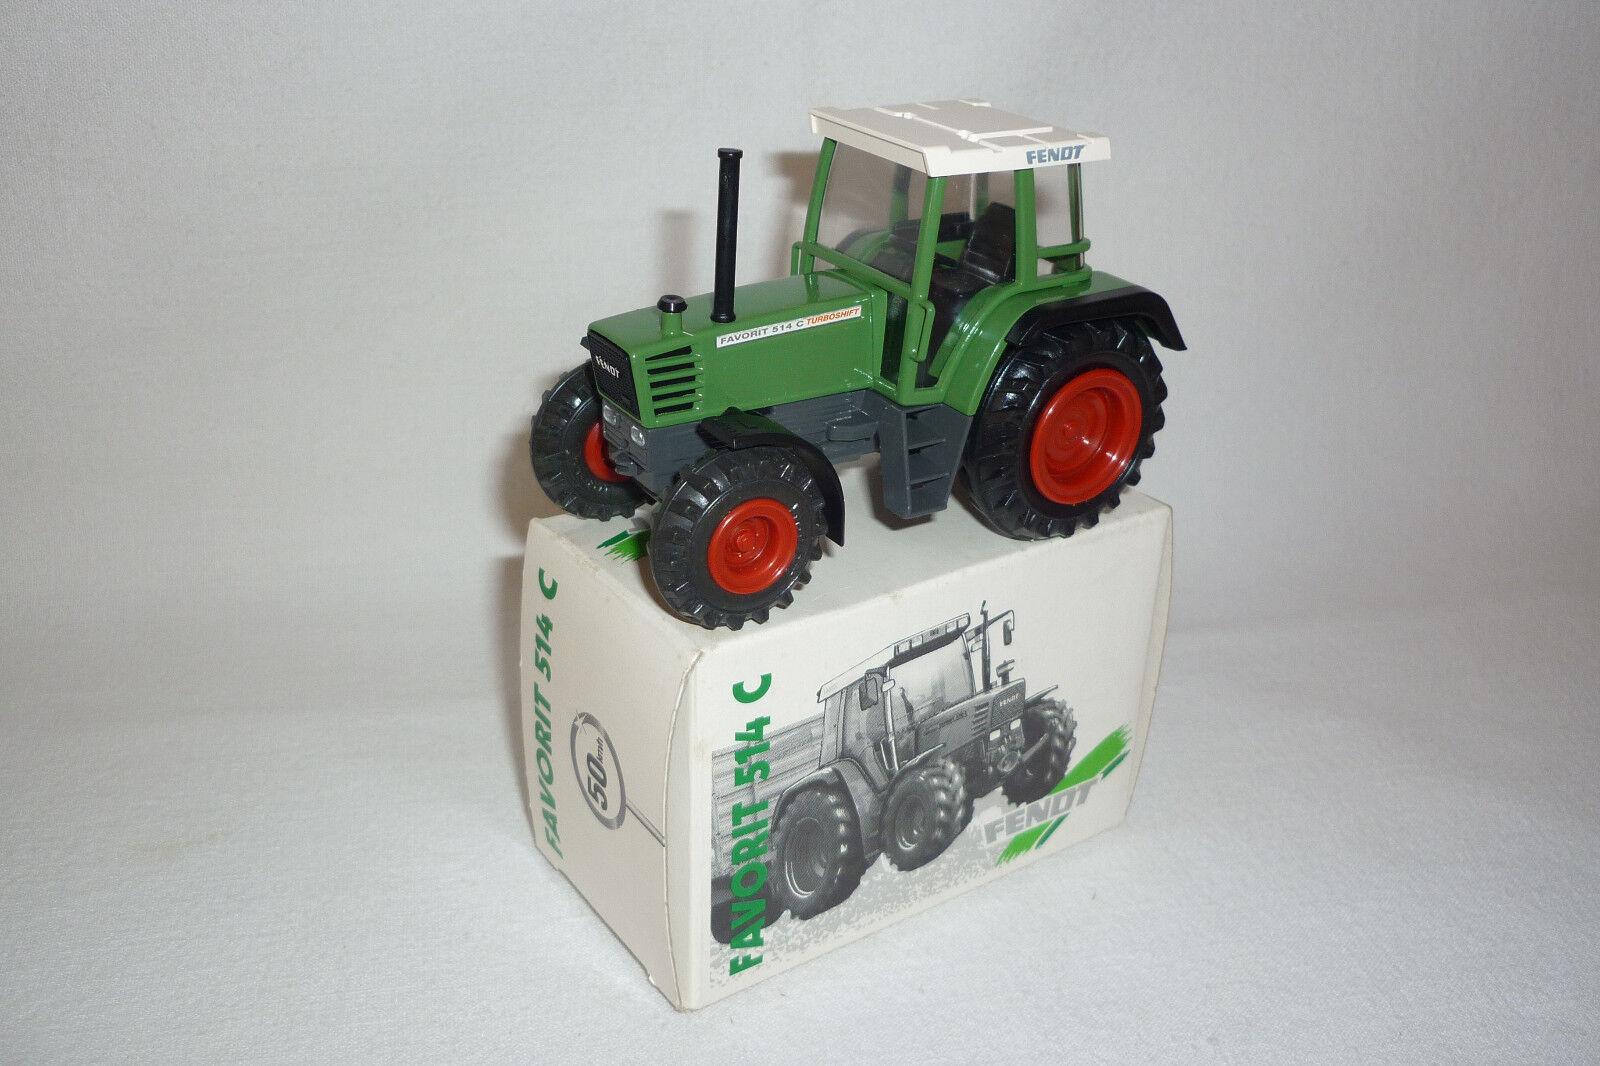 Curseur-Métal modèle - 792-Fendt Favori 514 C-tracteur-emballage d'origine (3.bm-11)